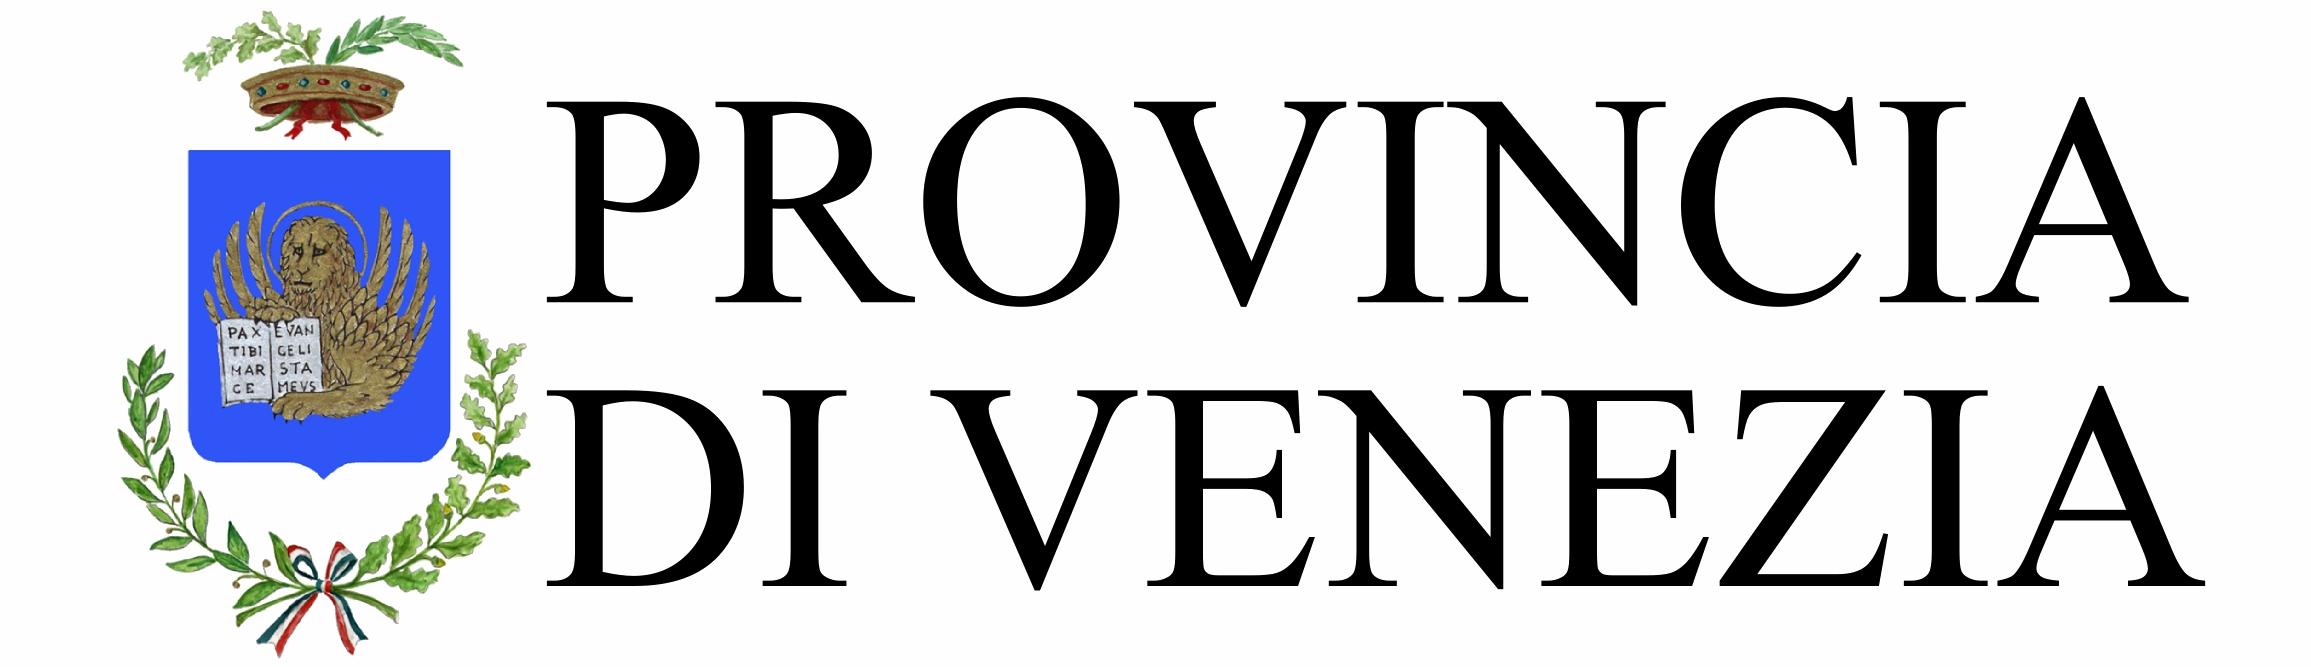 Provincia-di-Venezia-colori